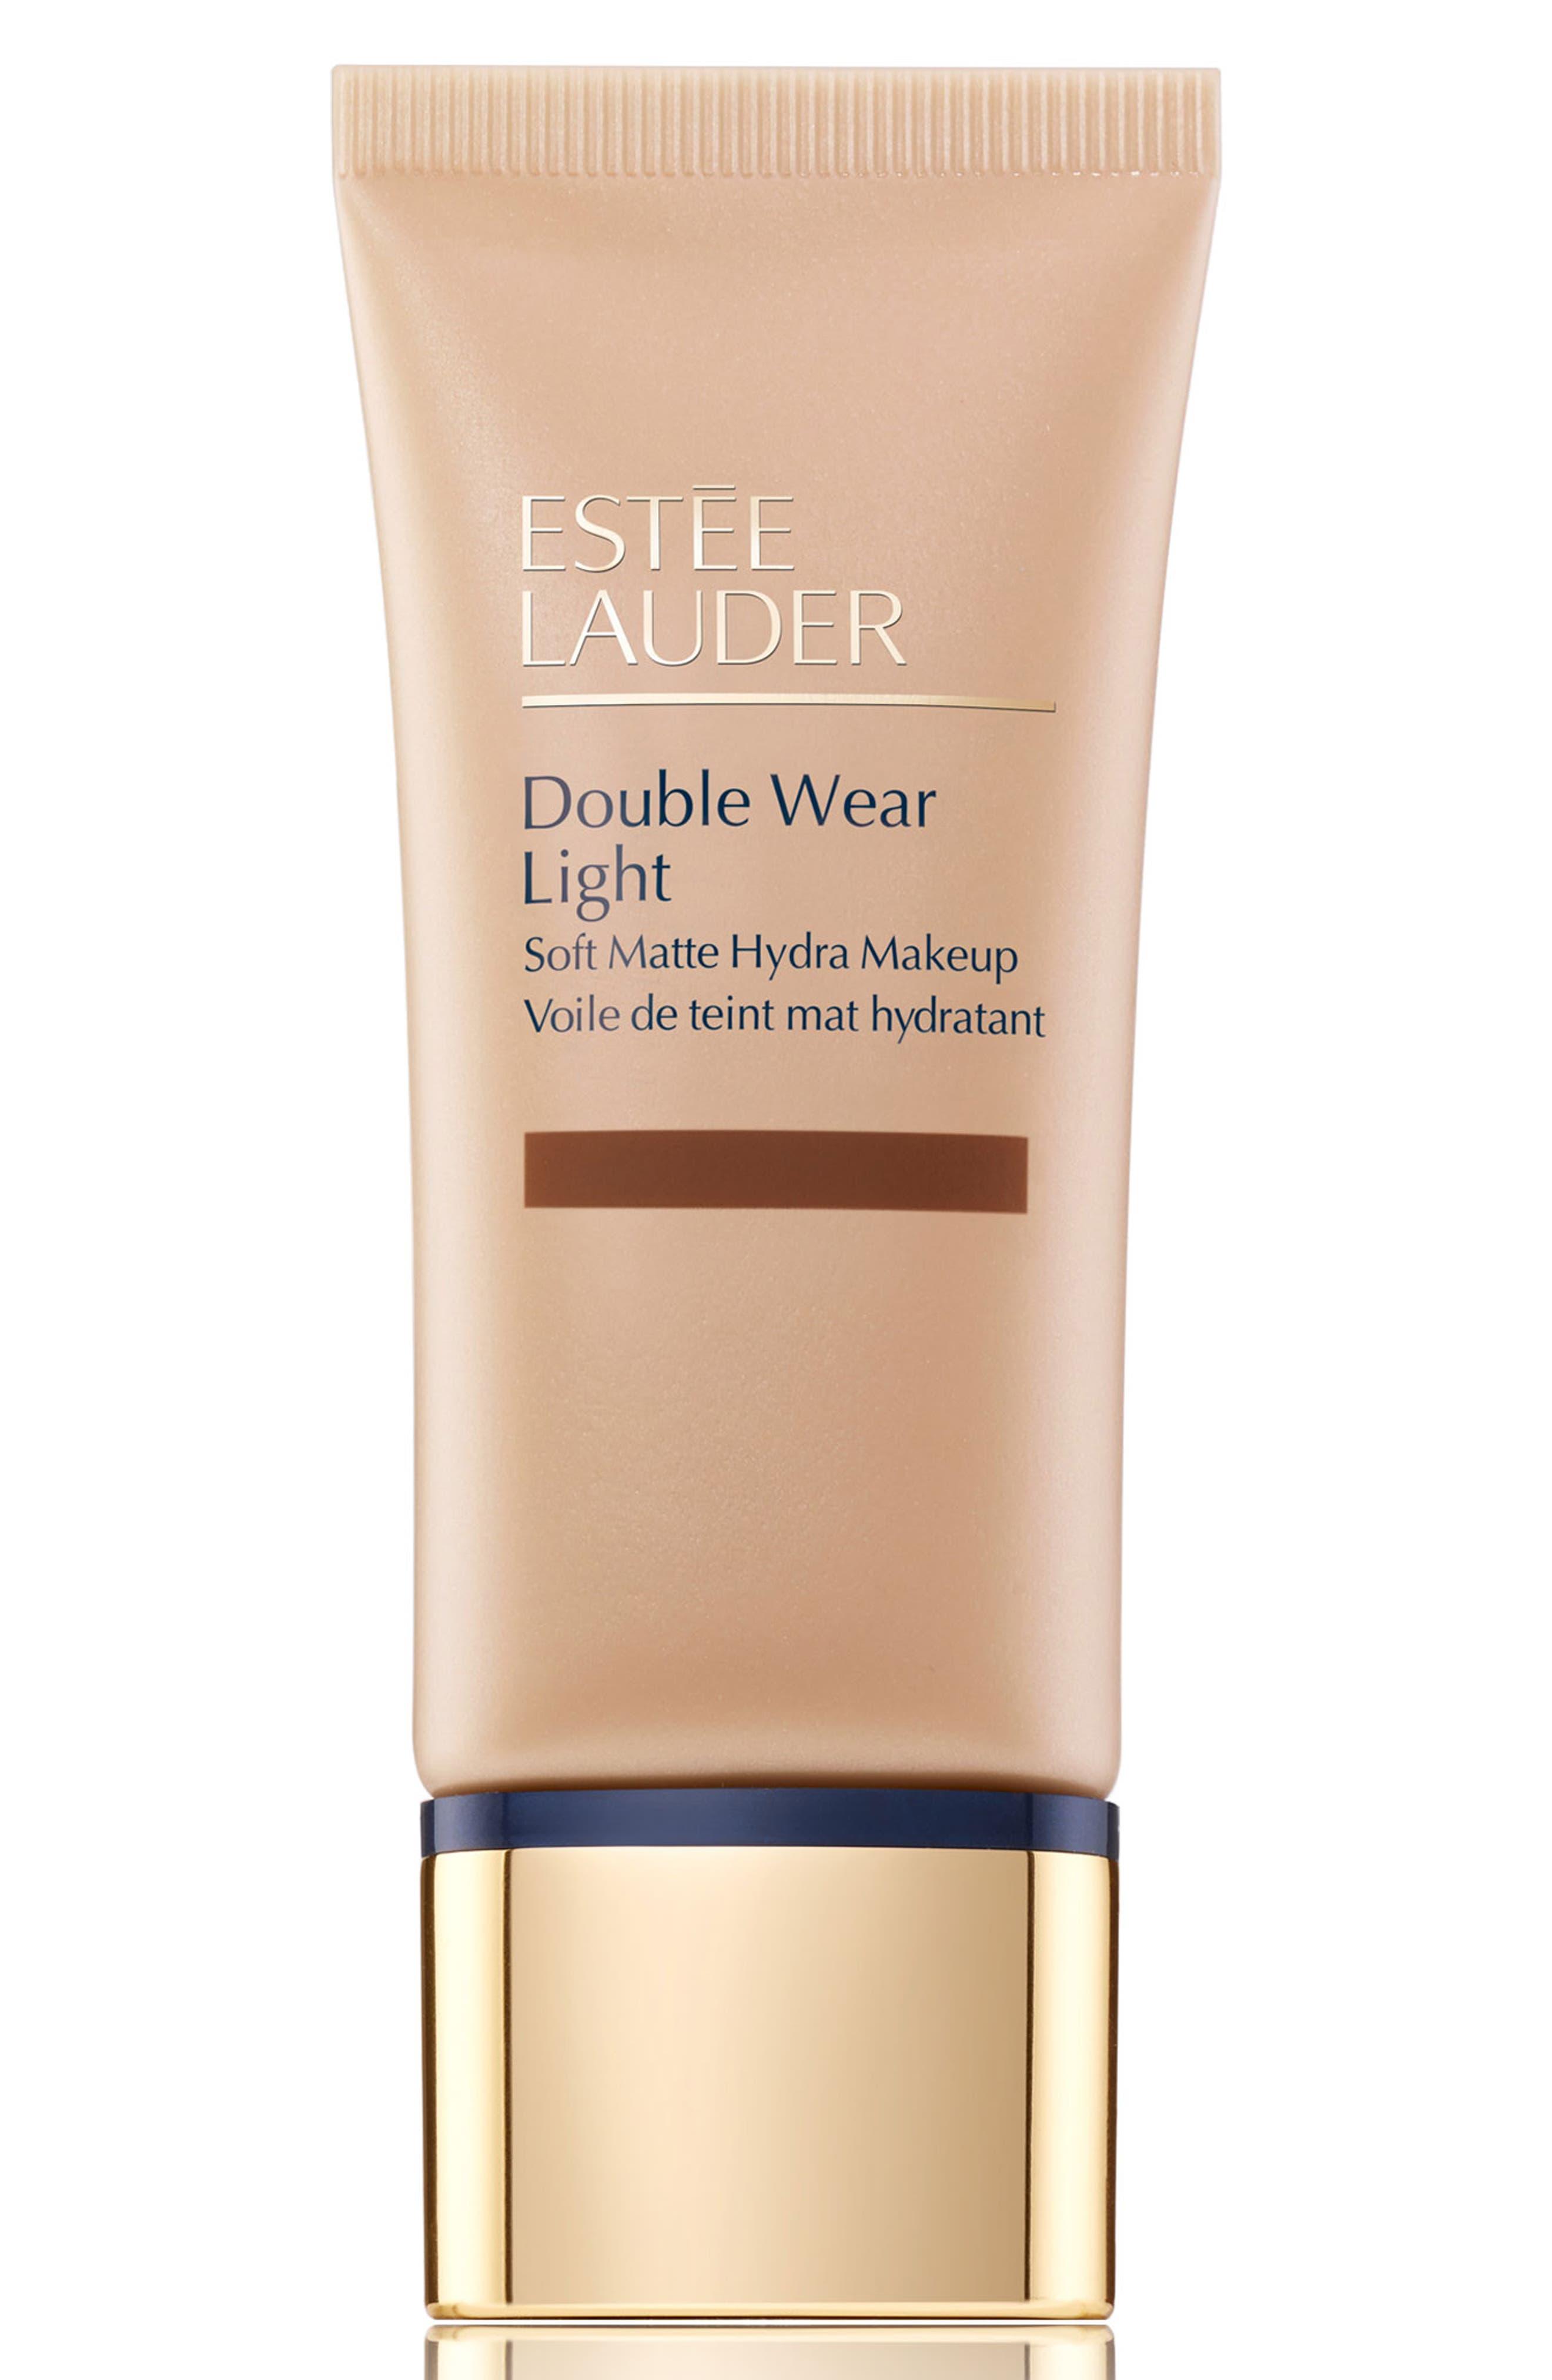 Estee Lauder Double Wear Light Soft Matte Hydra Makeup - 7N1 Deep Amber